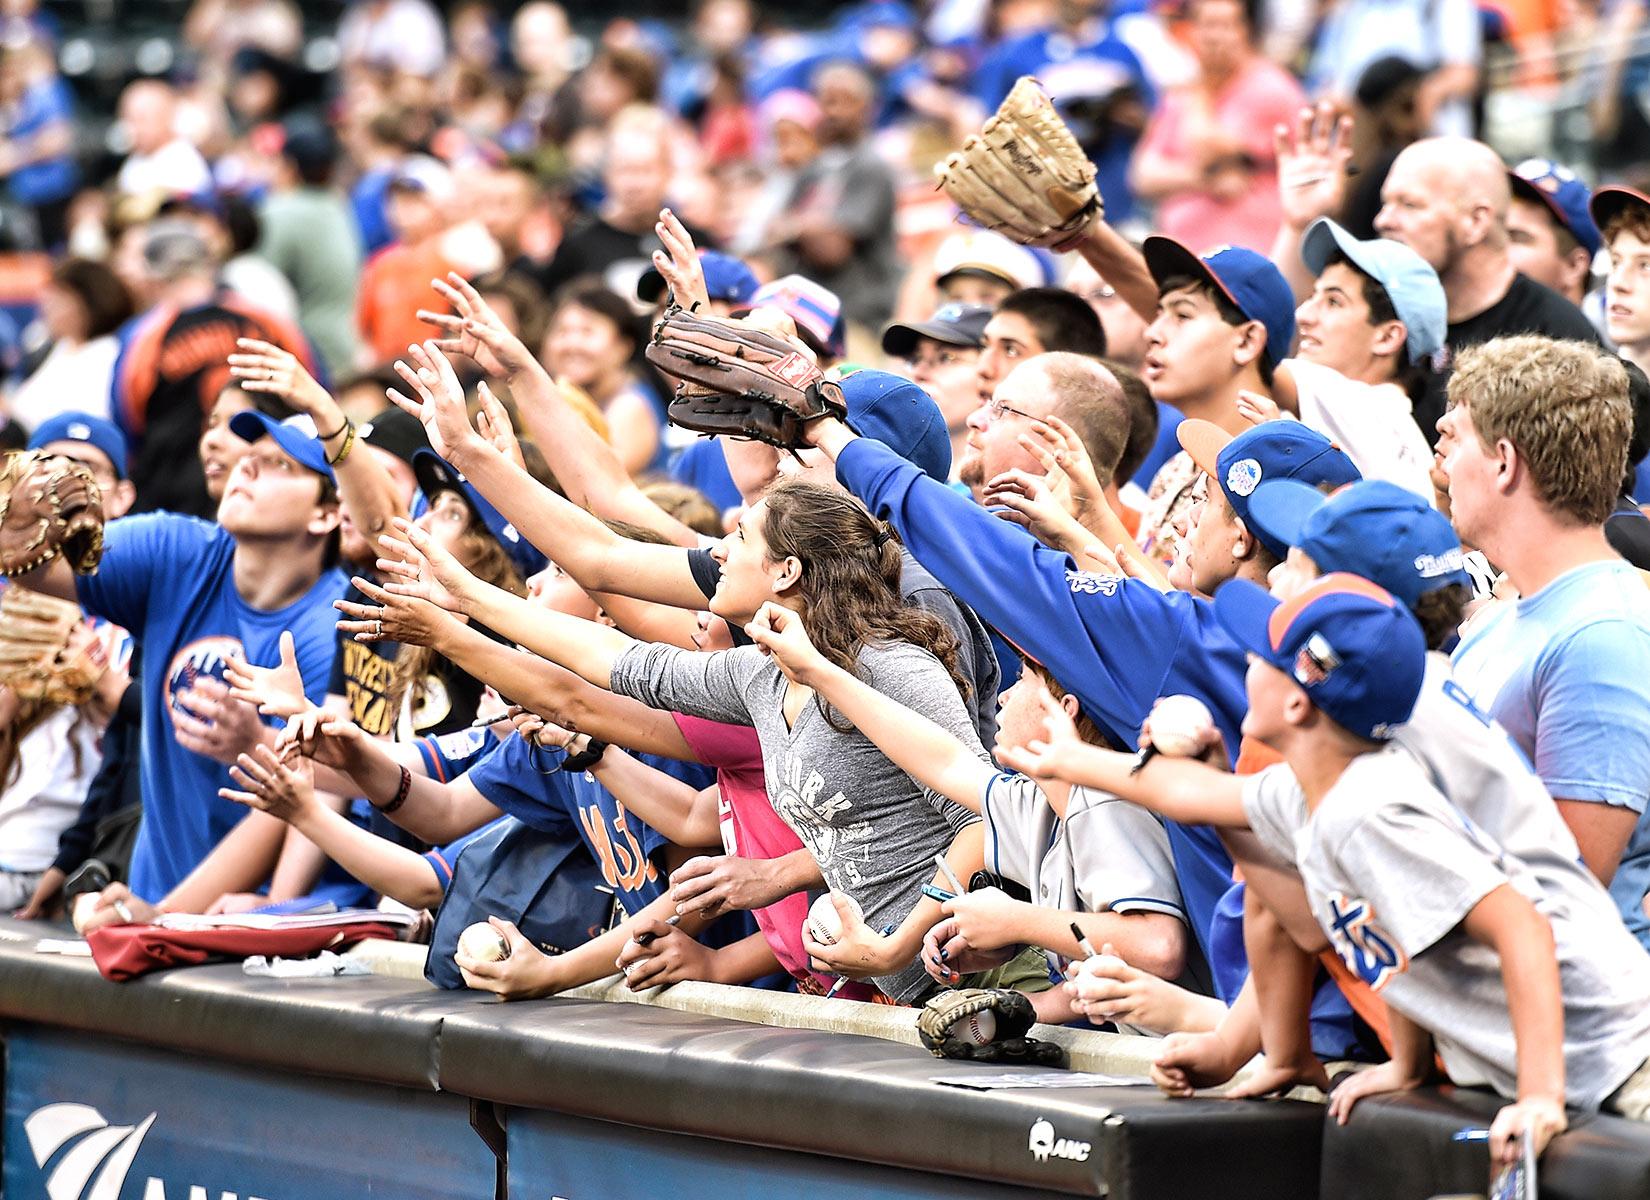 Fans (catch), August 30, 2014.